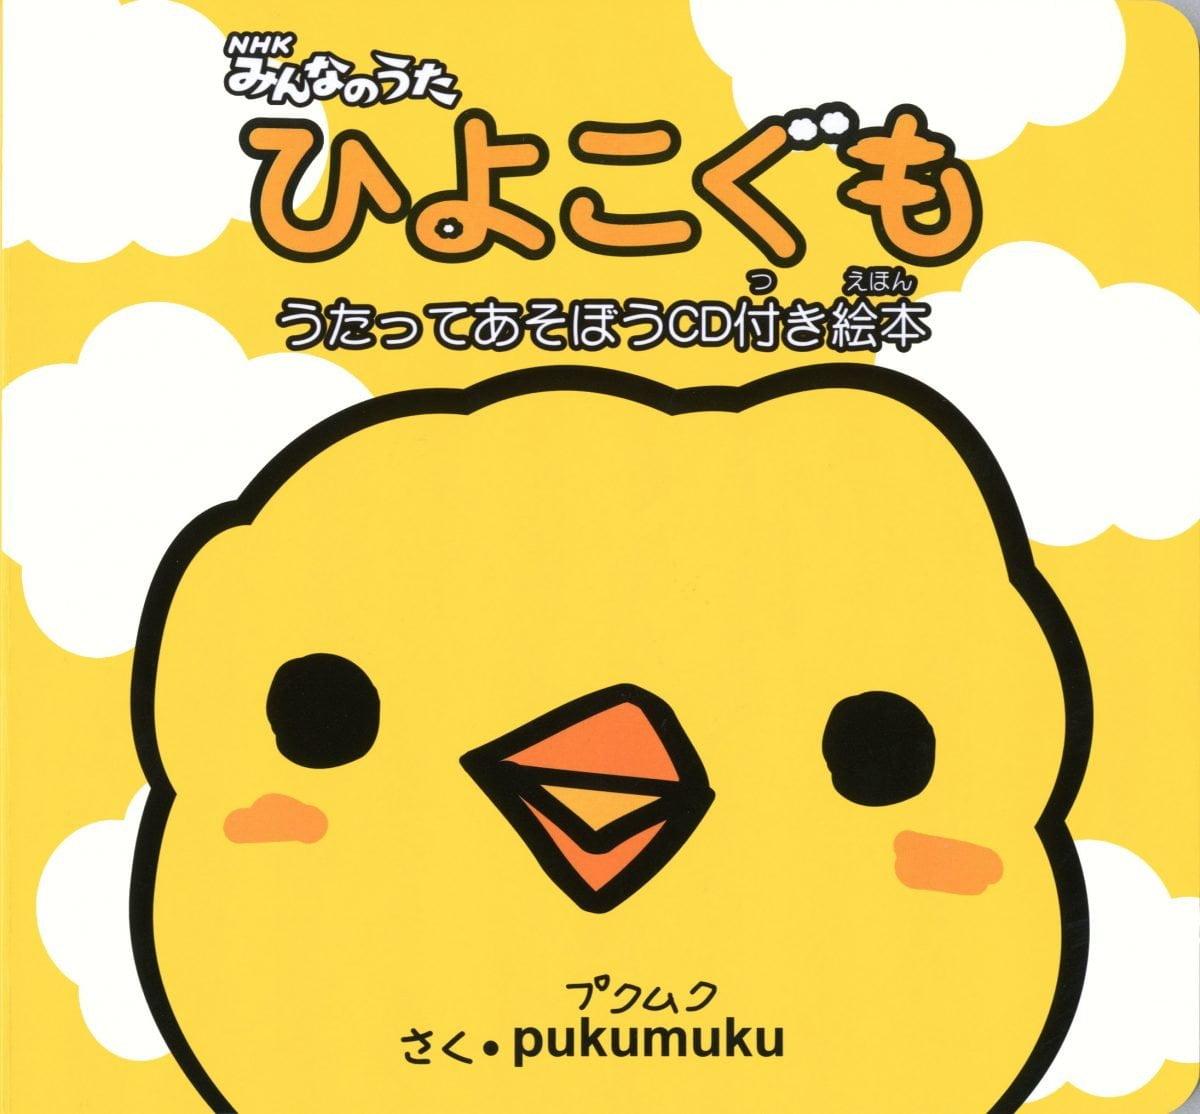 絵本「NHKみんなのうた  ひよこぐも うたってあそぼうCD付き絵本」の表紙